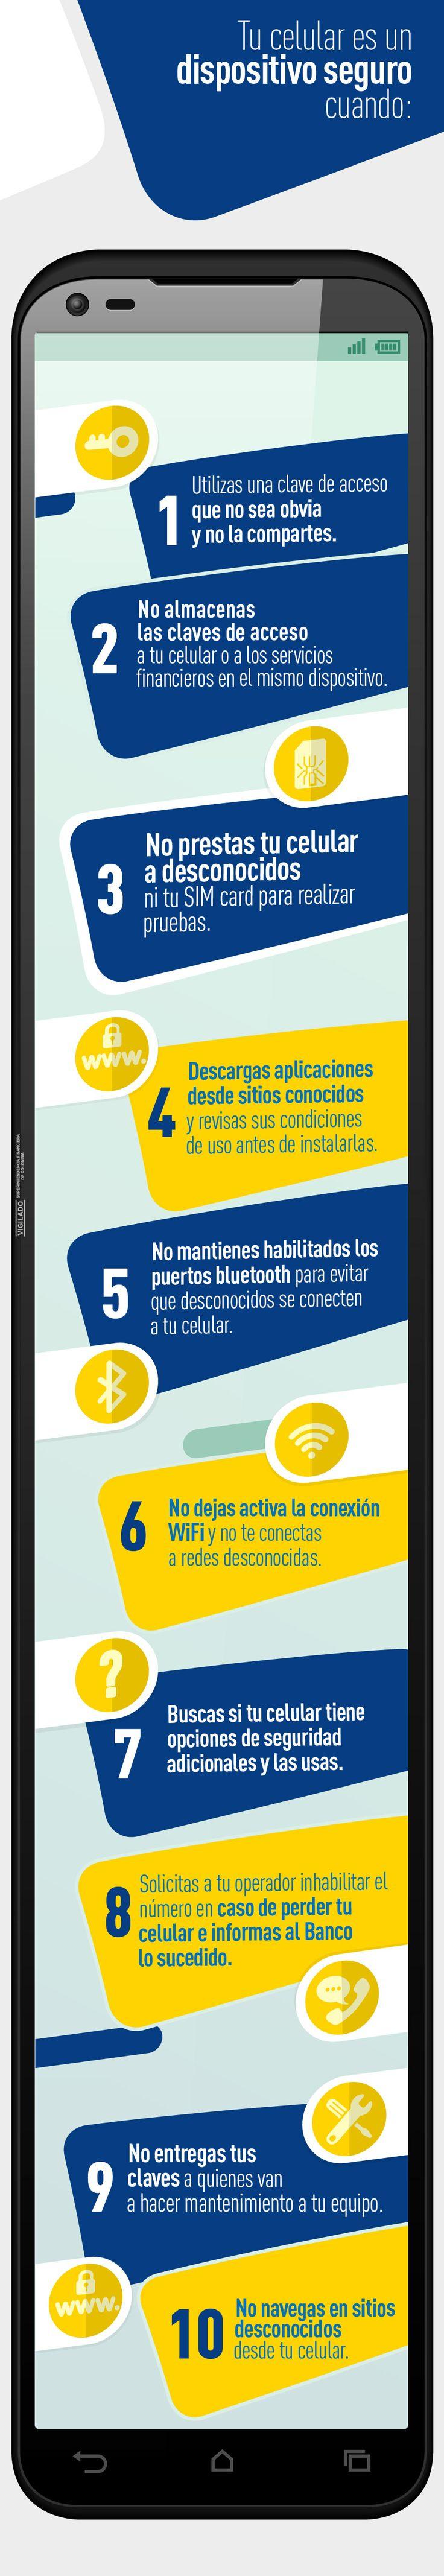 Descubre más tips de cómo hacer de tu celular un dispositivo más seguro, ingresando en  www.bancolombia.com/seguridades